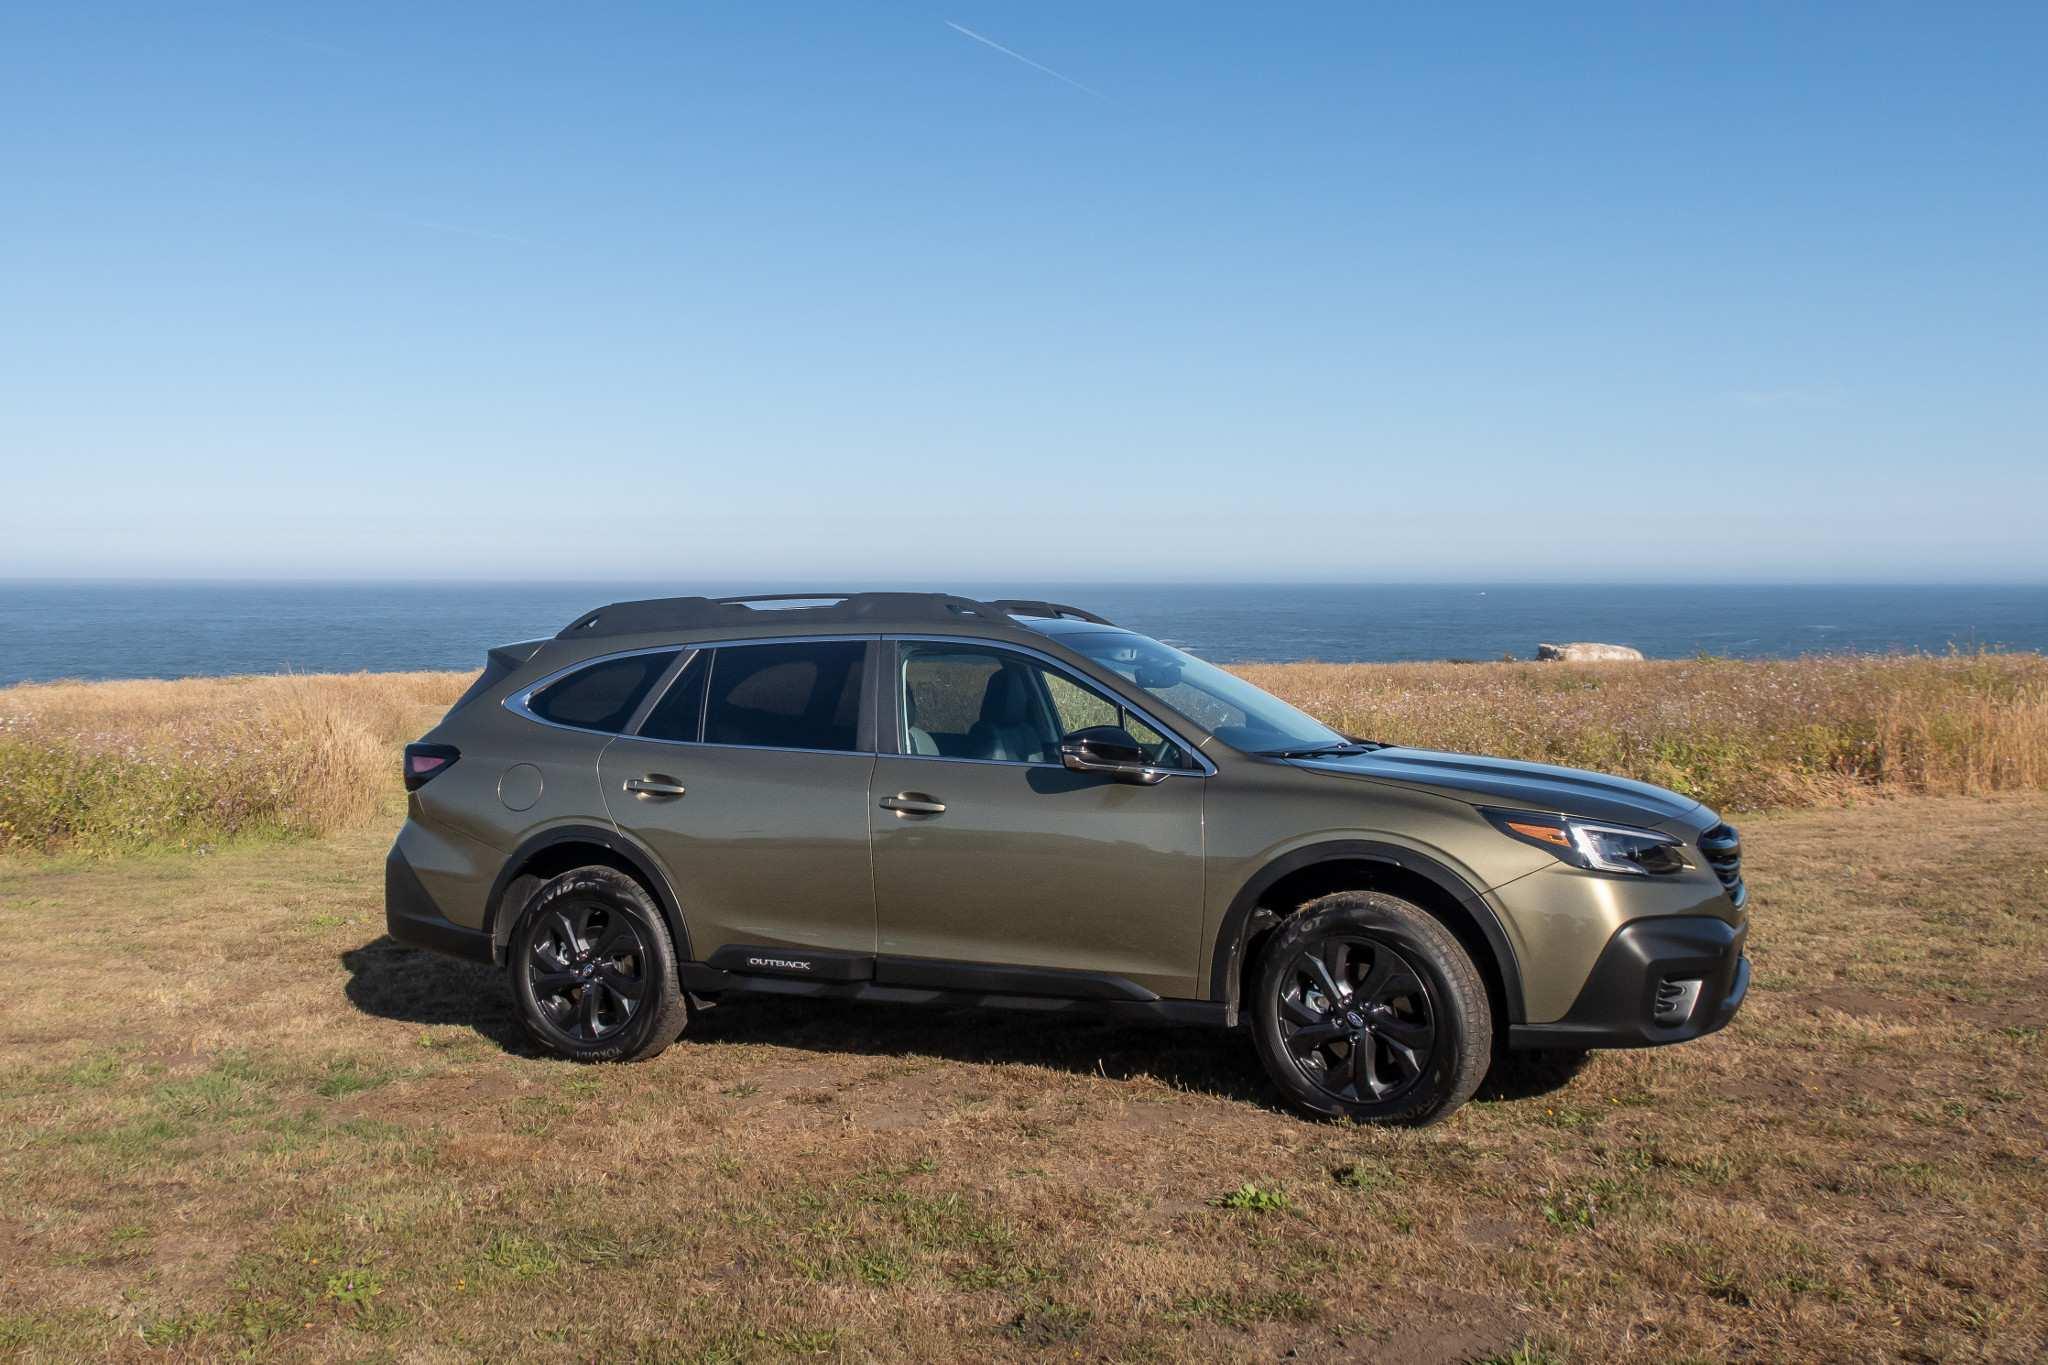 32 The Subaru Diesel 2020 Exterior and Interior by Subaru Diesel 2020